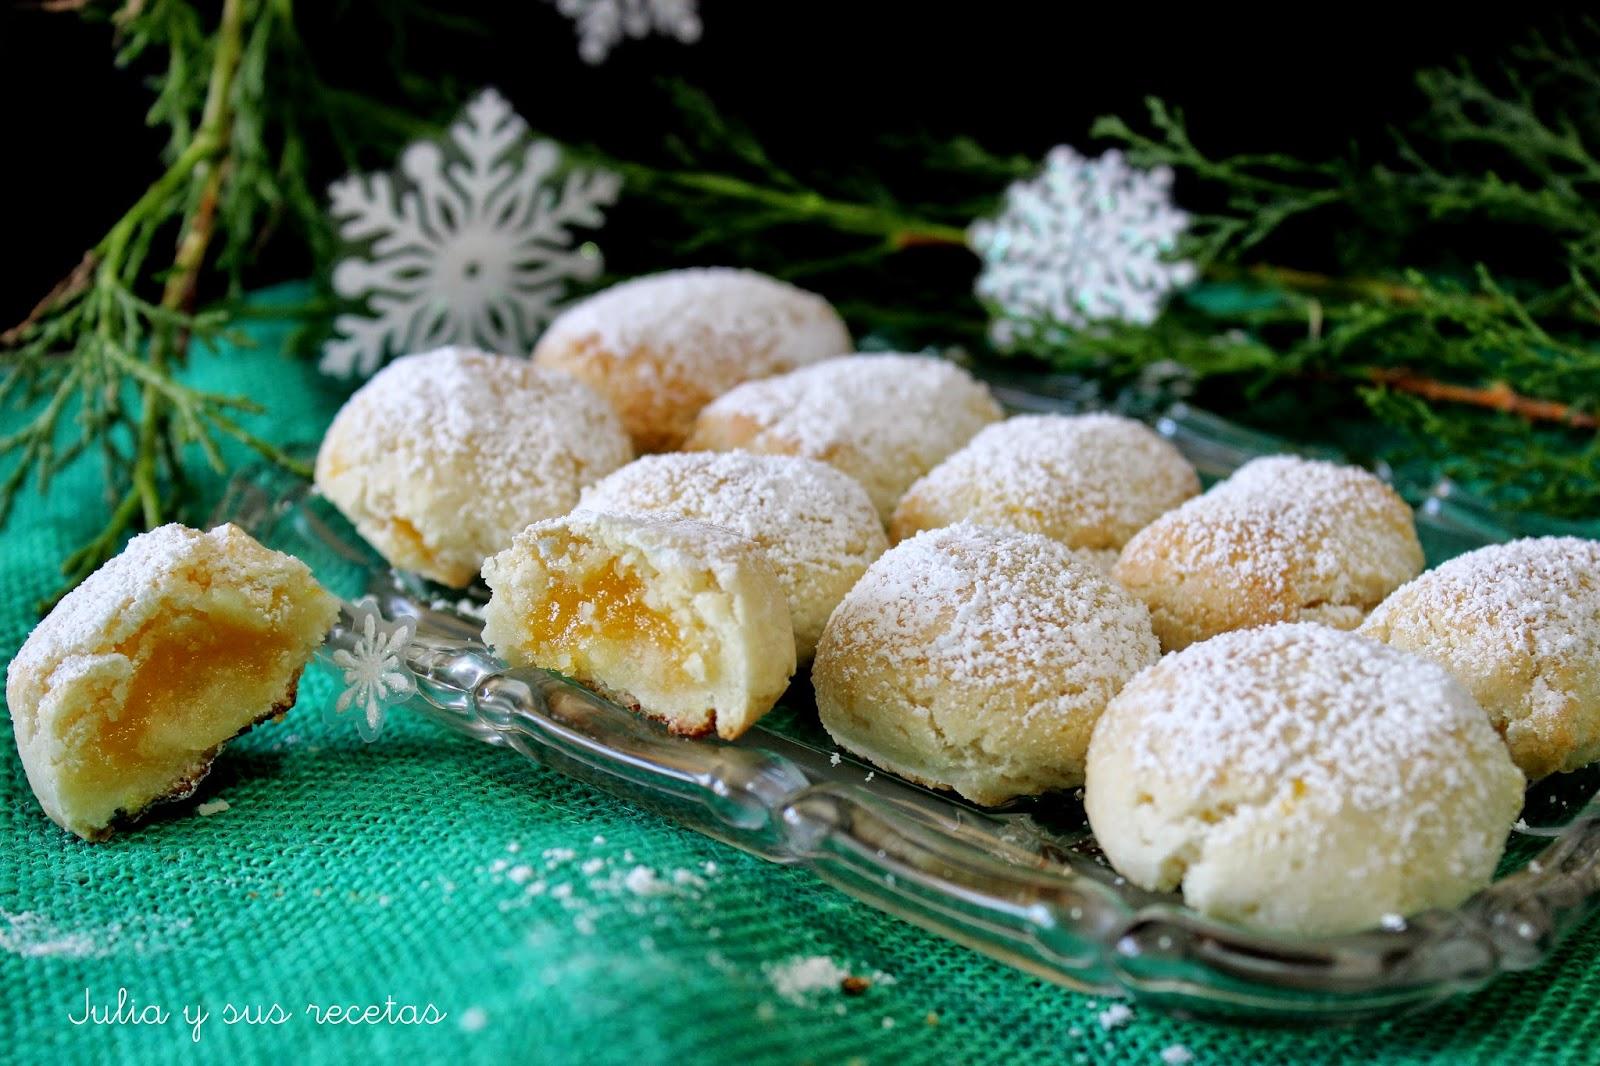 Glorias de Navidad. Julia y sus recetas